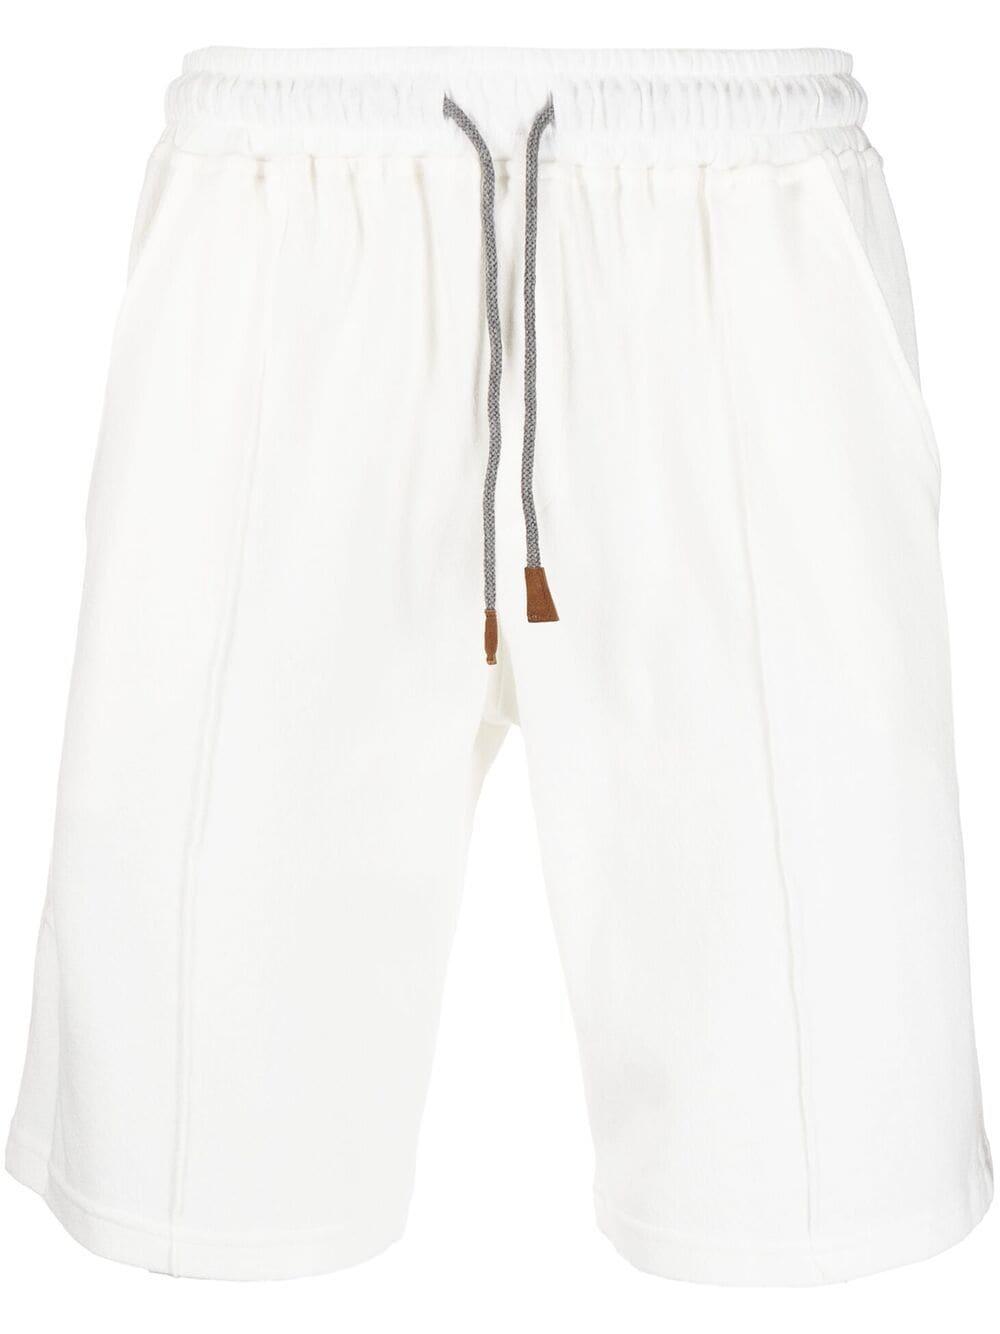 Pantaloncini in cotone a righe bianche, beige e rosse ELEVENTY   Bermuda   C75FELC07-TES0C17701